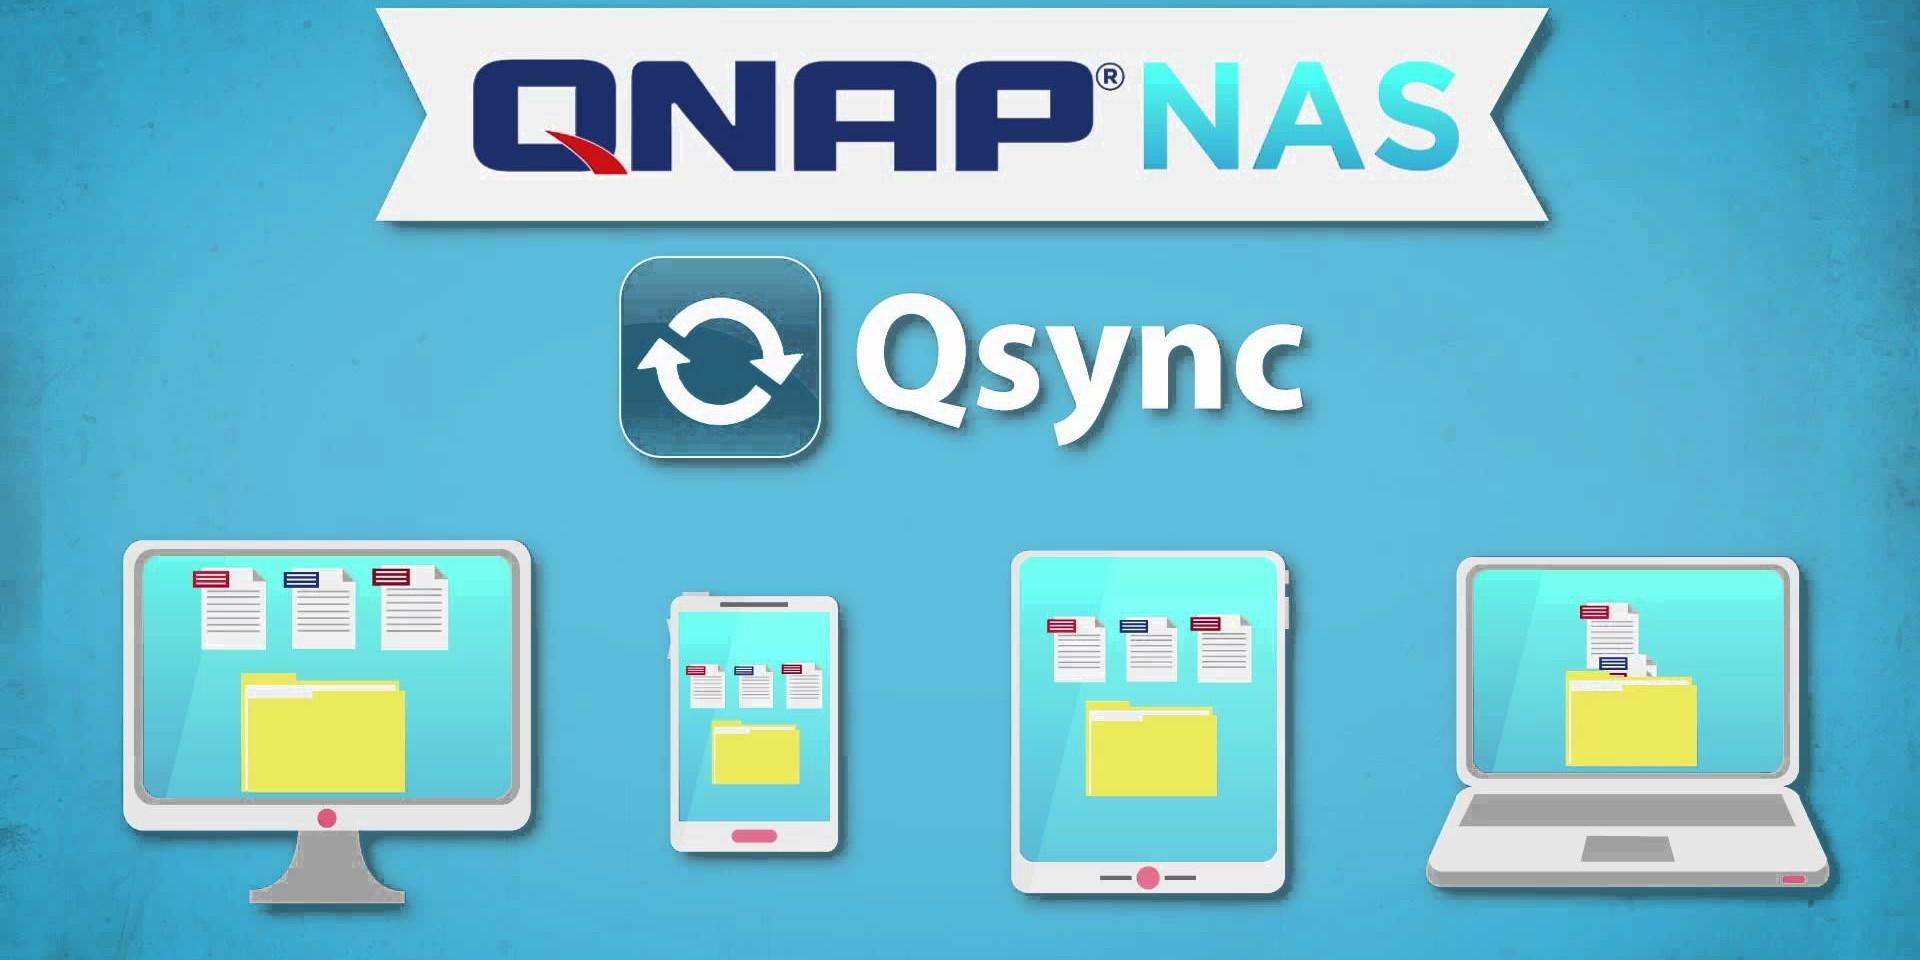 biztonságos online csatlakozás jó társkereső app iphone